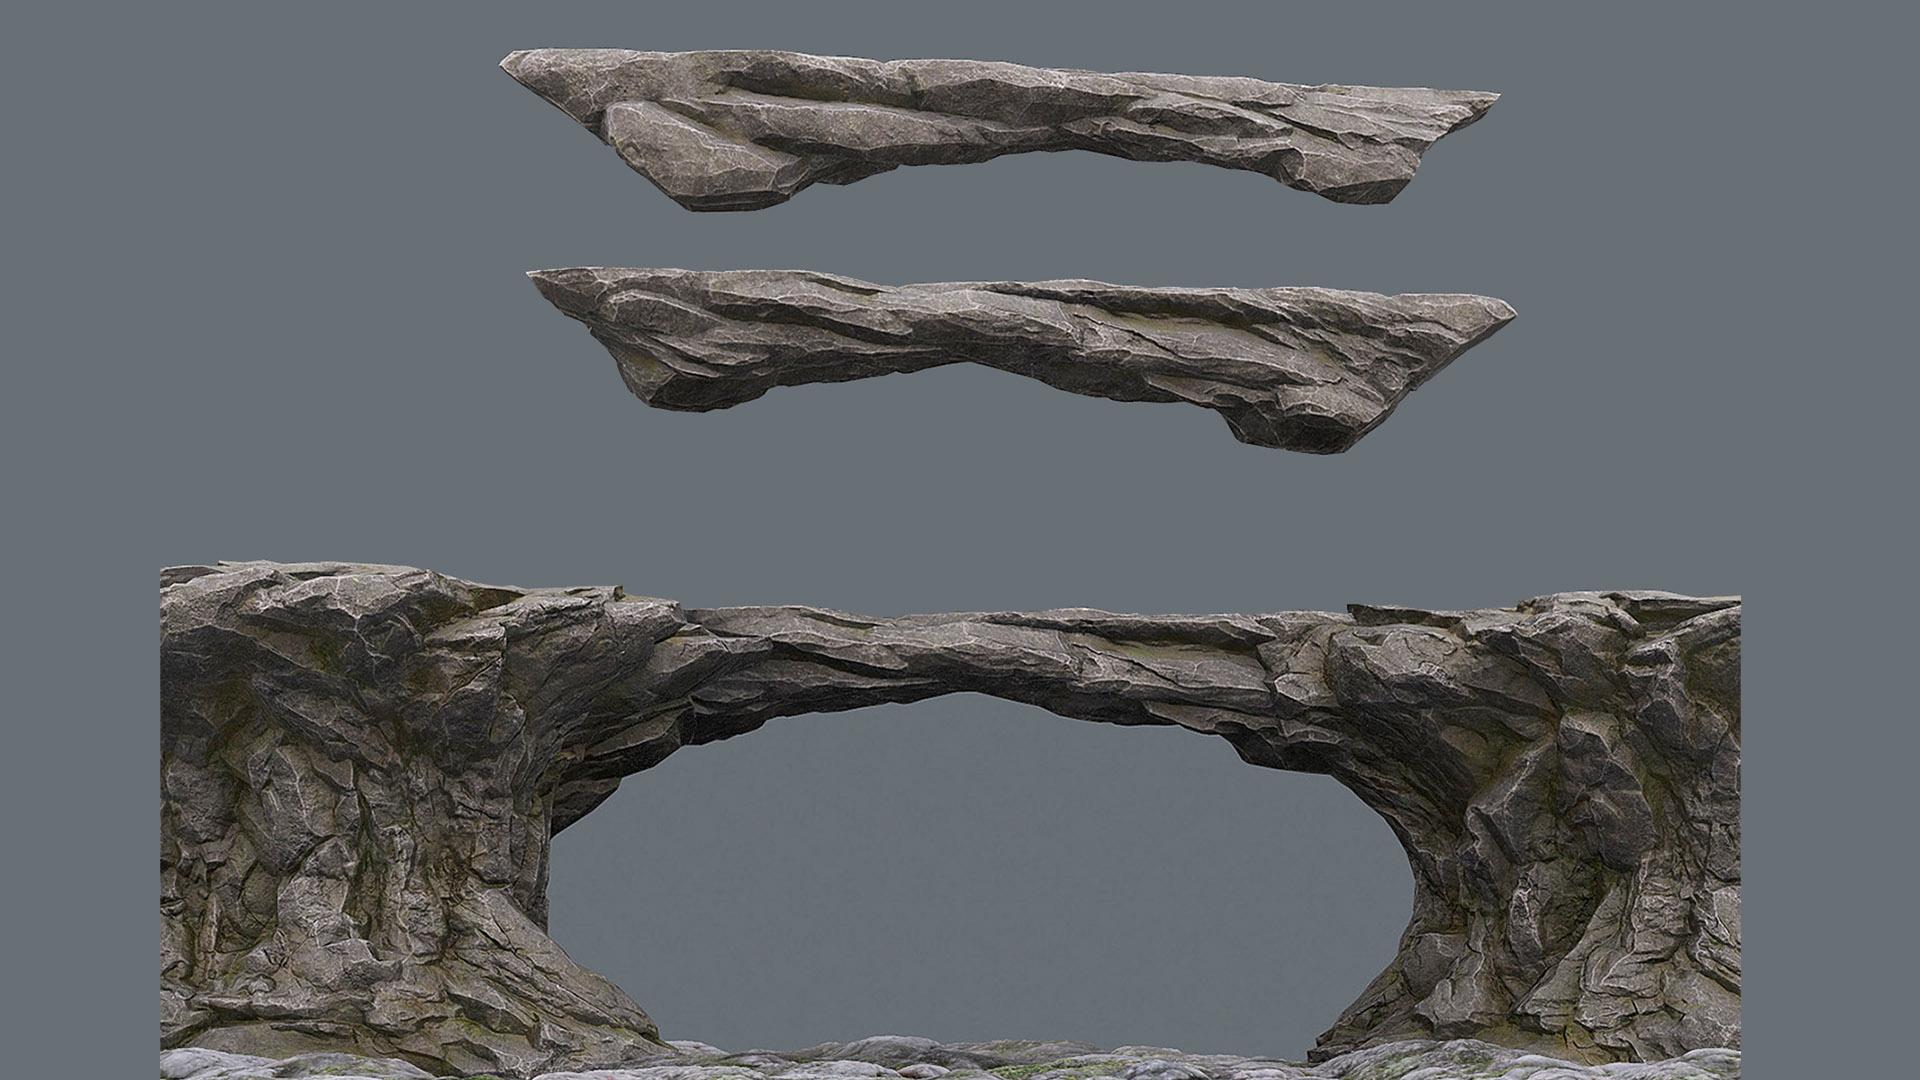 pantropy bridge rock